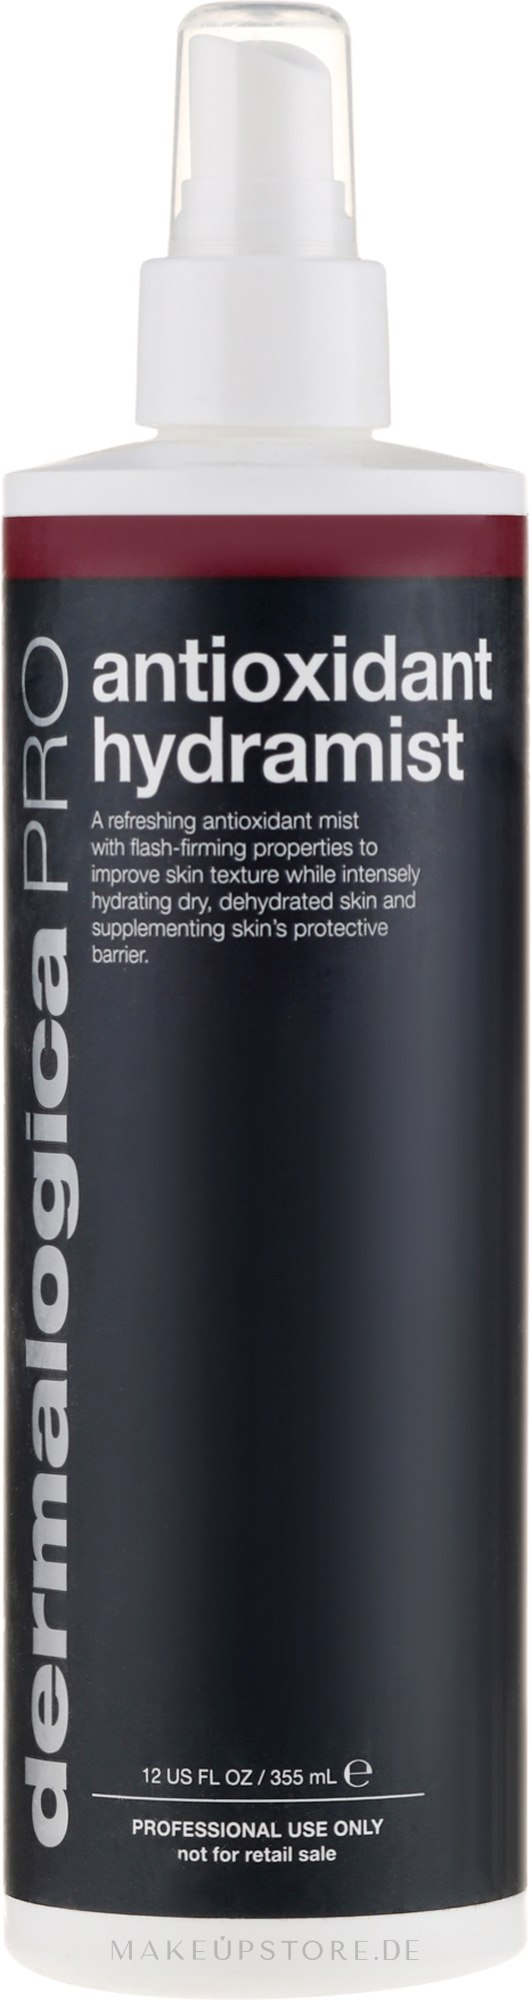 Erfrischender und antioxidativer Gesichtsnebel für den professionellen Gebrauch - Dermalogica Pro Antioxidant Hydramist — Bild 355 ml